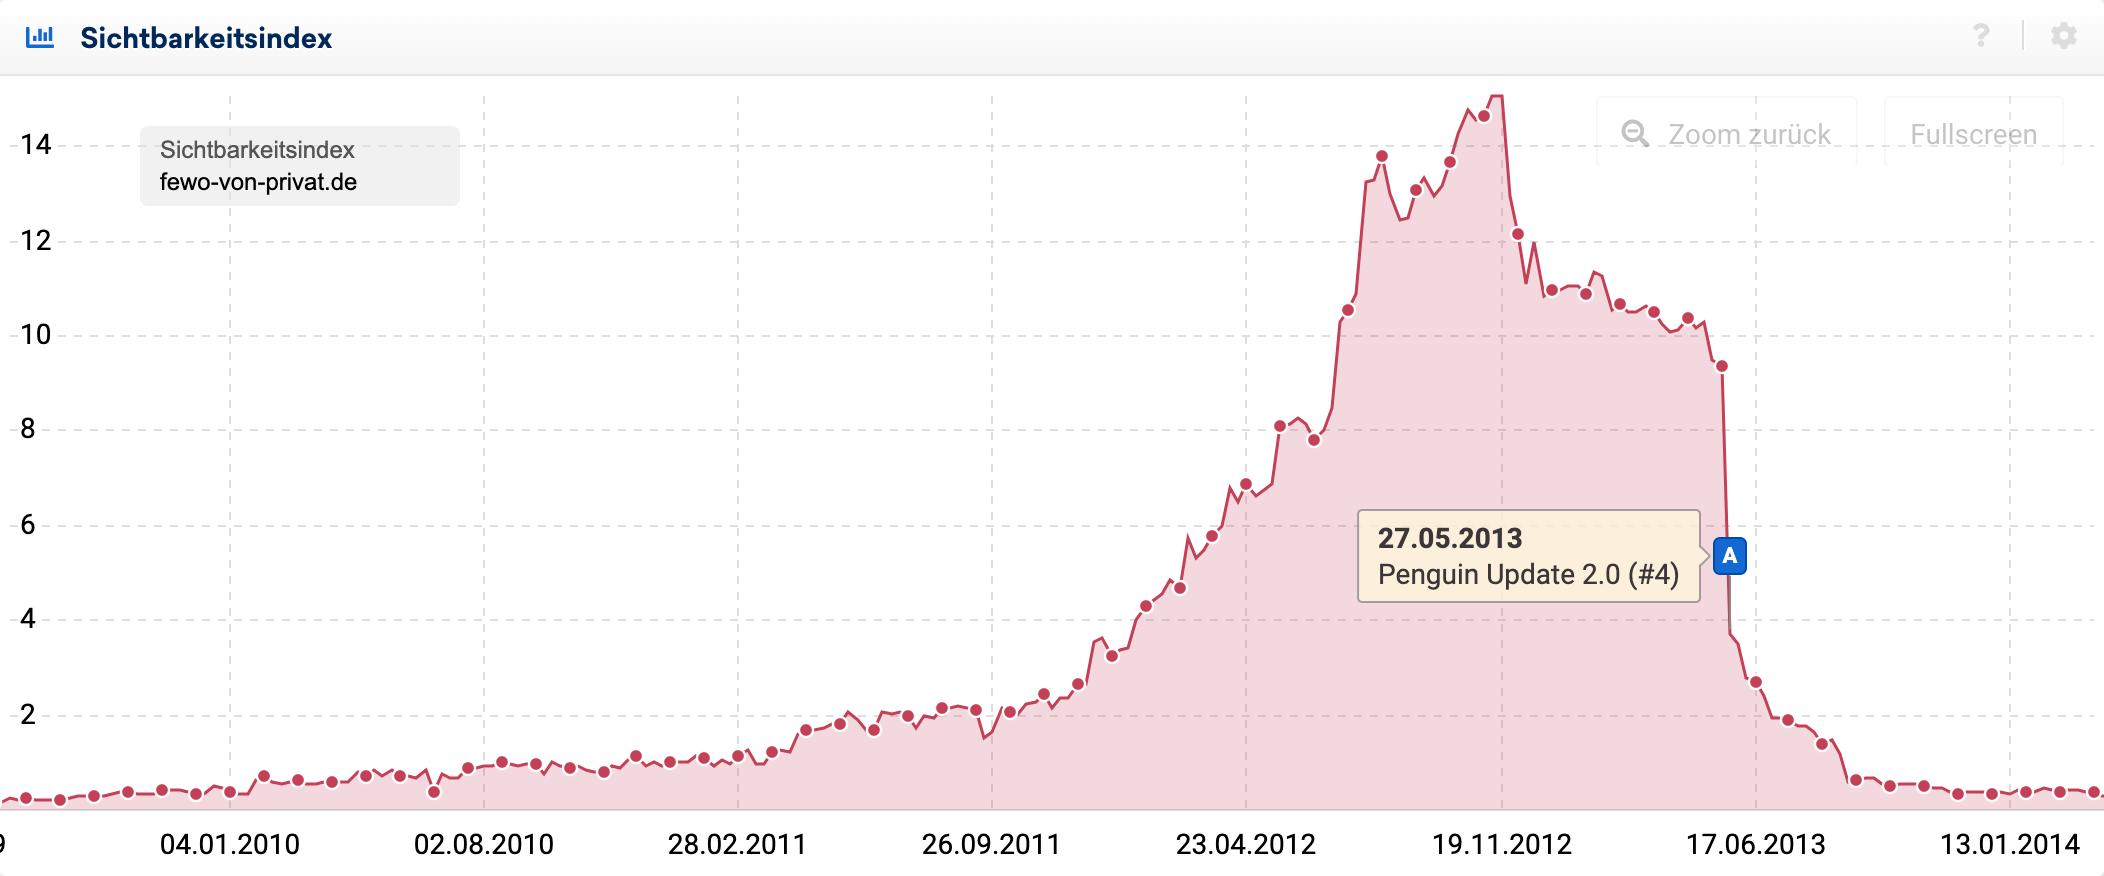 Sichtbarkeitsindex-Graph der Domain fewo-von-privat.de für den Zeitraum zwischen April 2010 und Januar 2014.